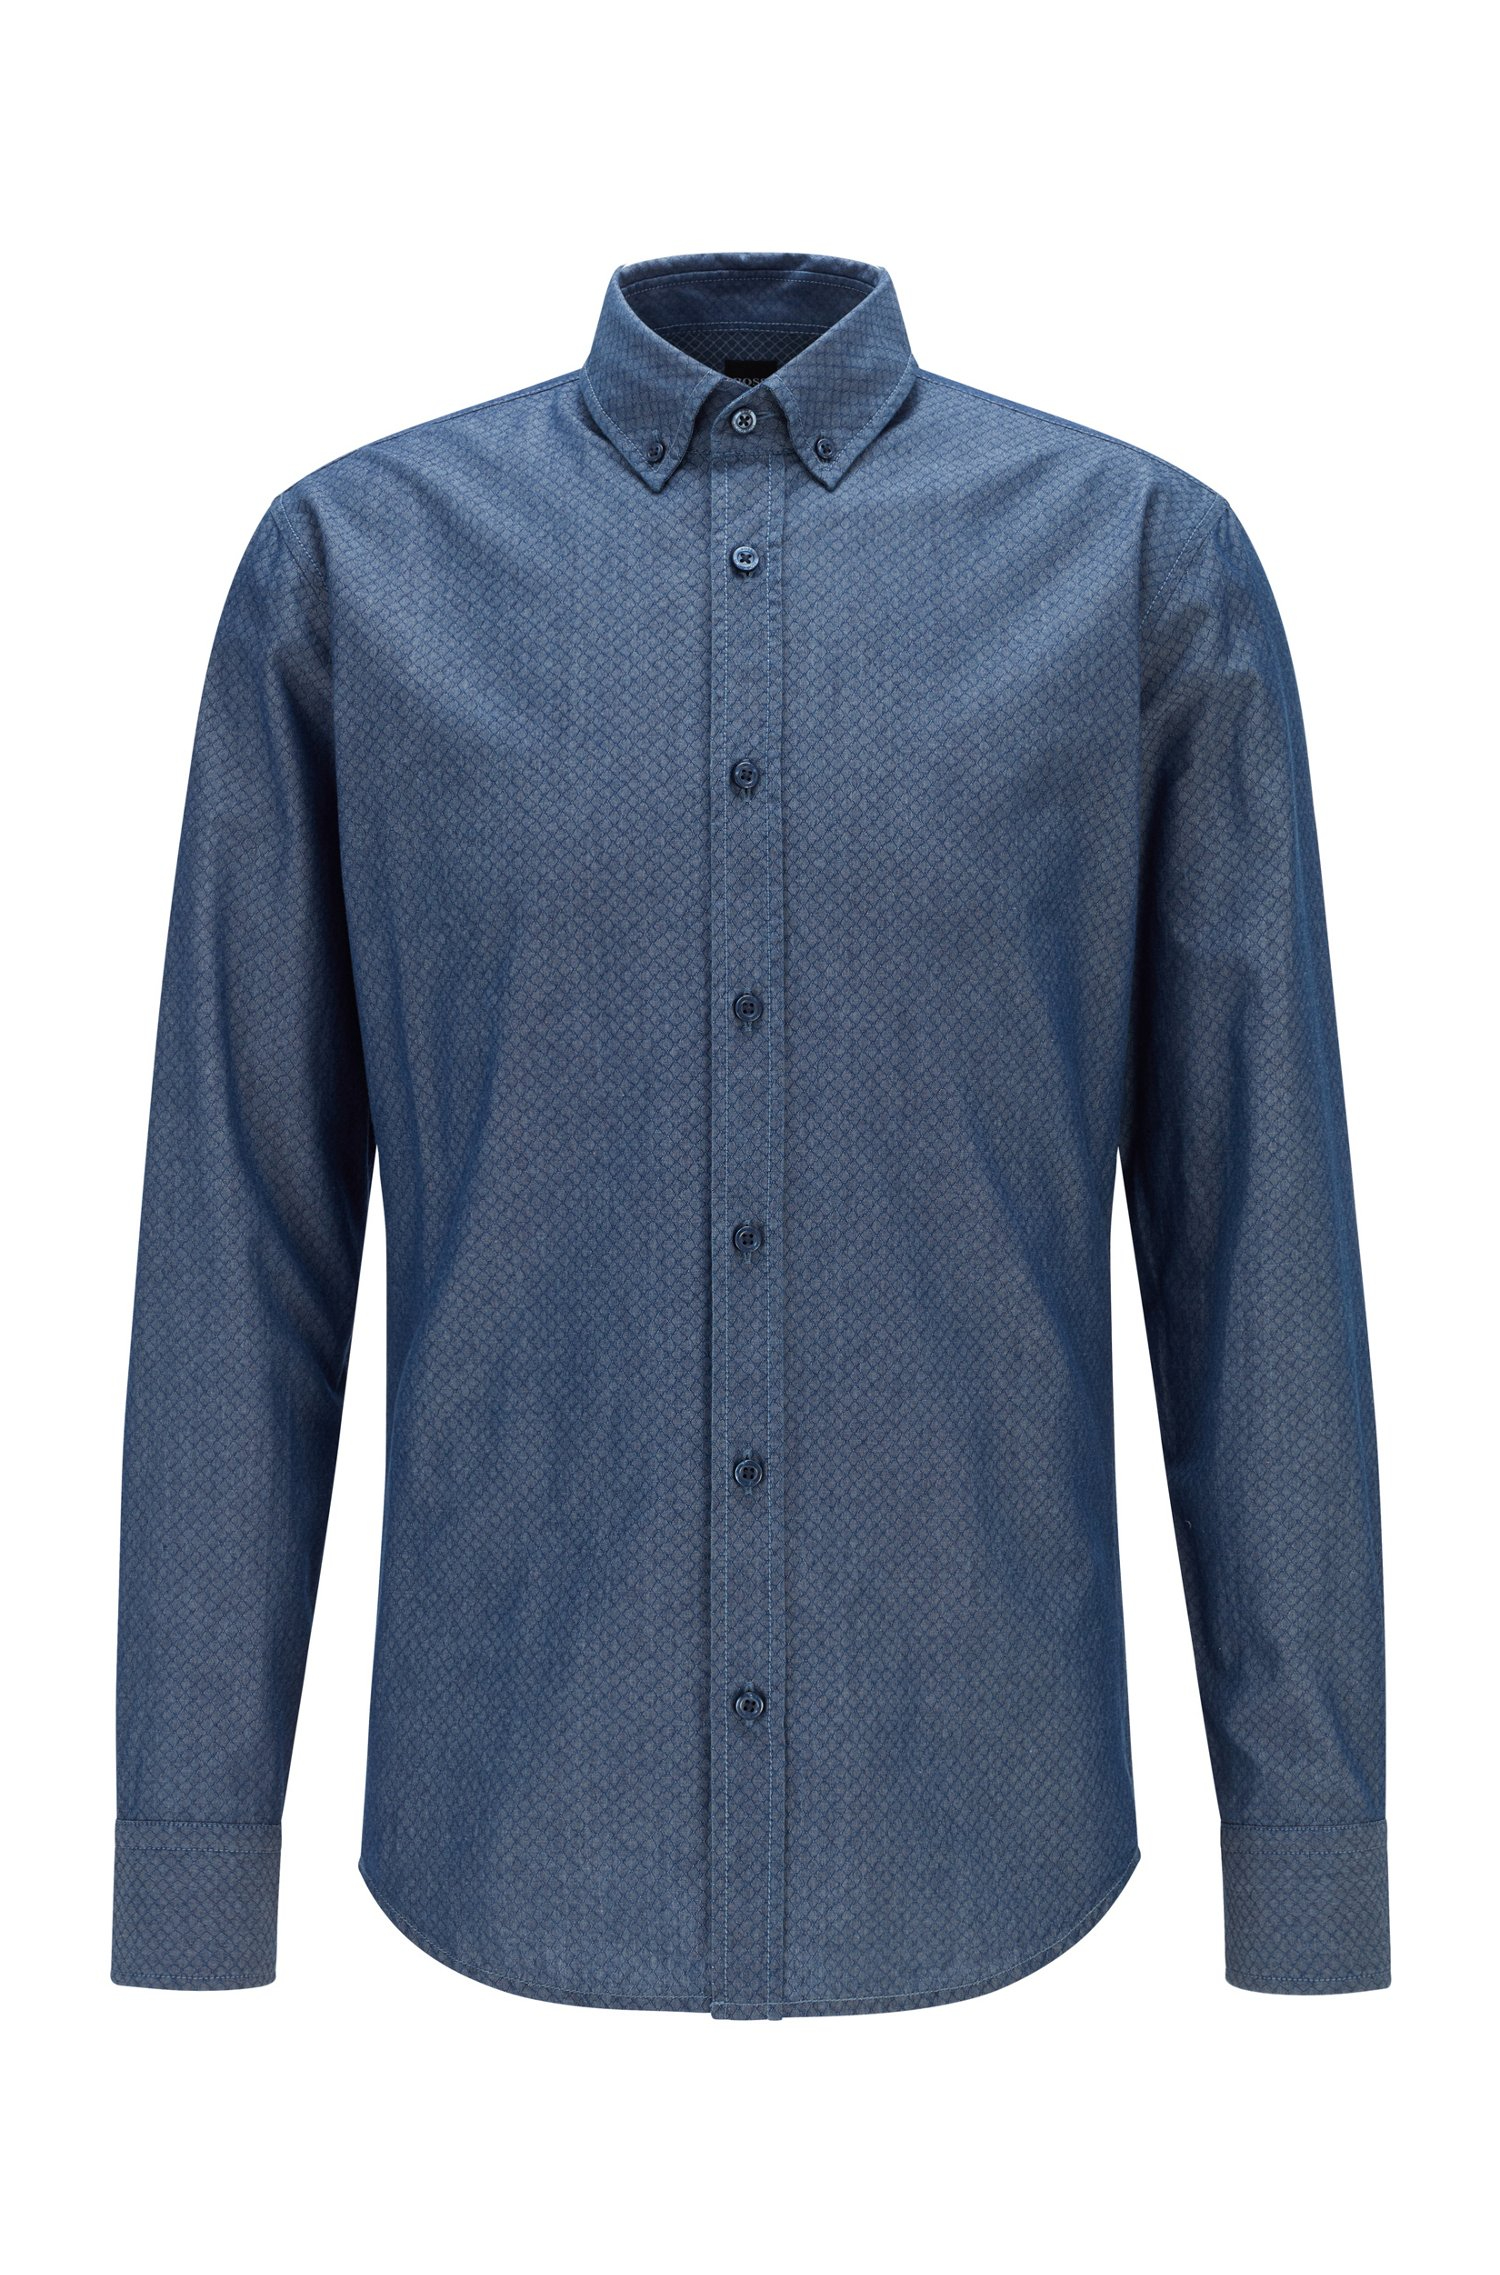 Hugo Boss skjorte, Dark Blue, XXX-large